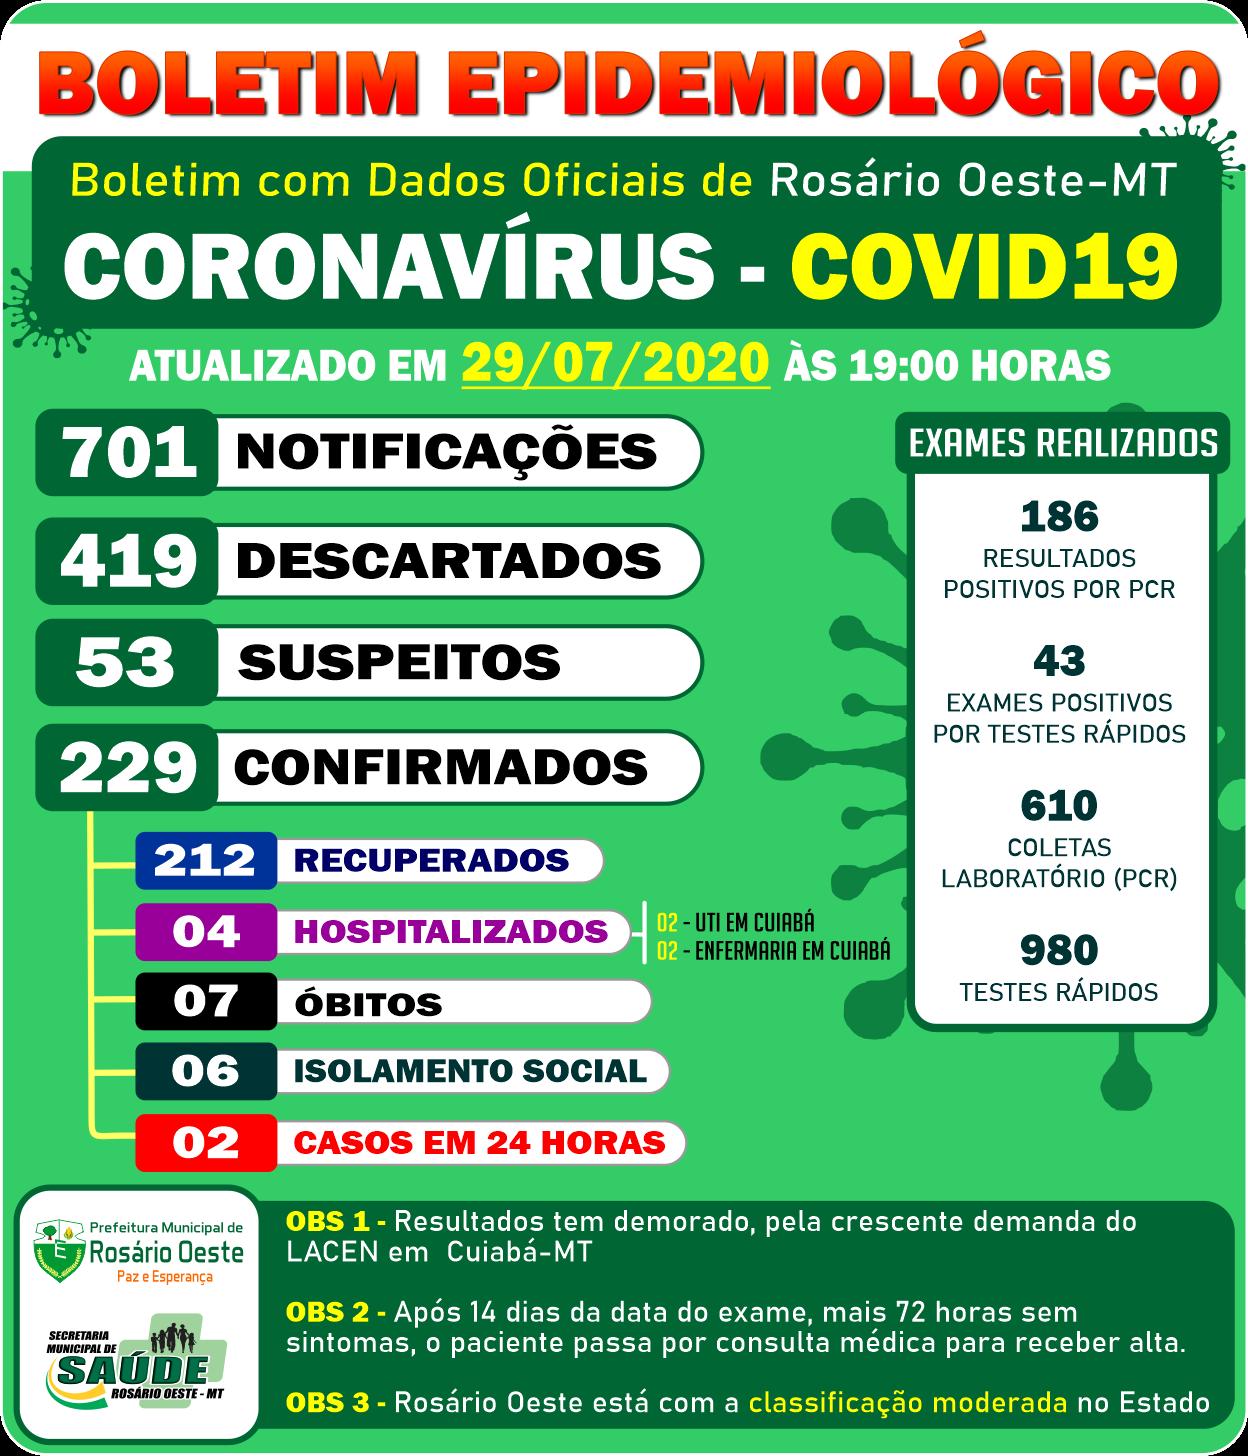 Rosário Oeste tem 4 pessoas internadas em Cuiabá por causa do vírus com Covid19.